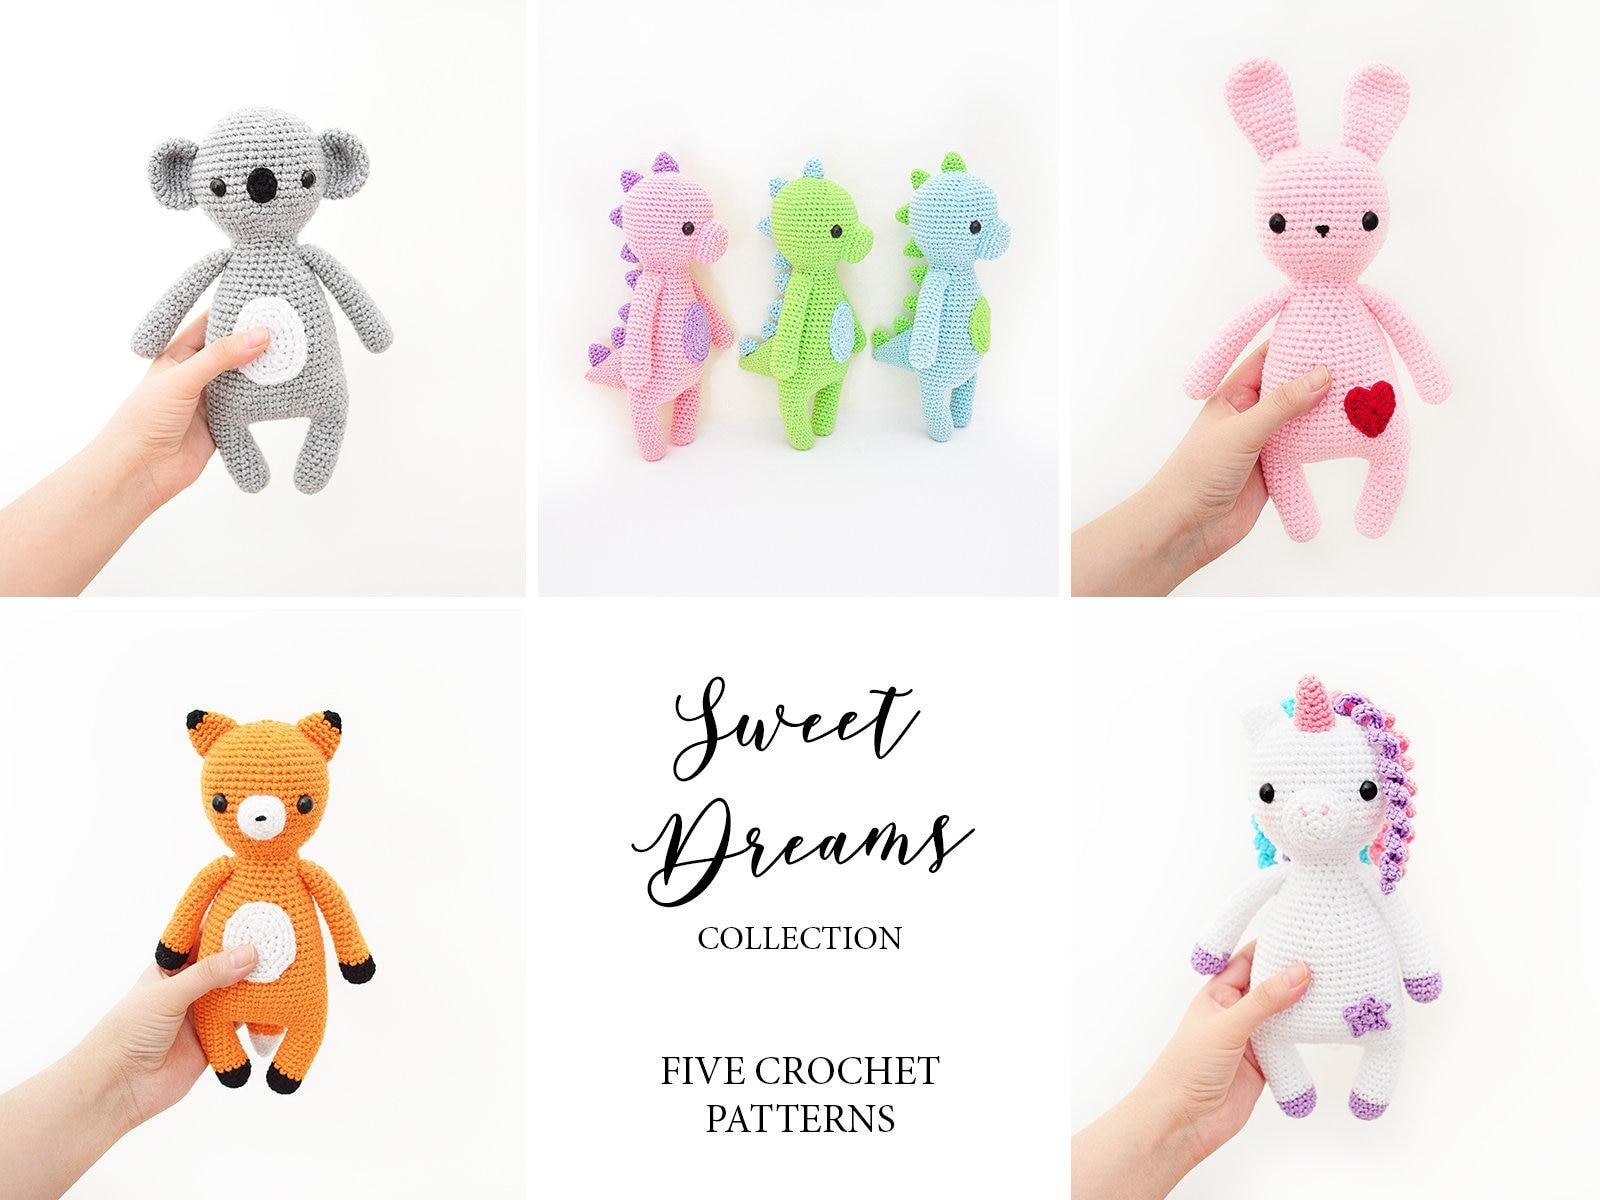 Cinco Patrones de Crochet en Inglés Unicornio Conejo | Etsy